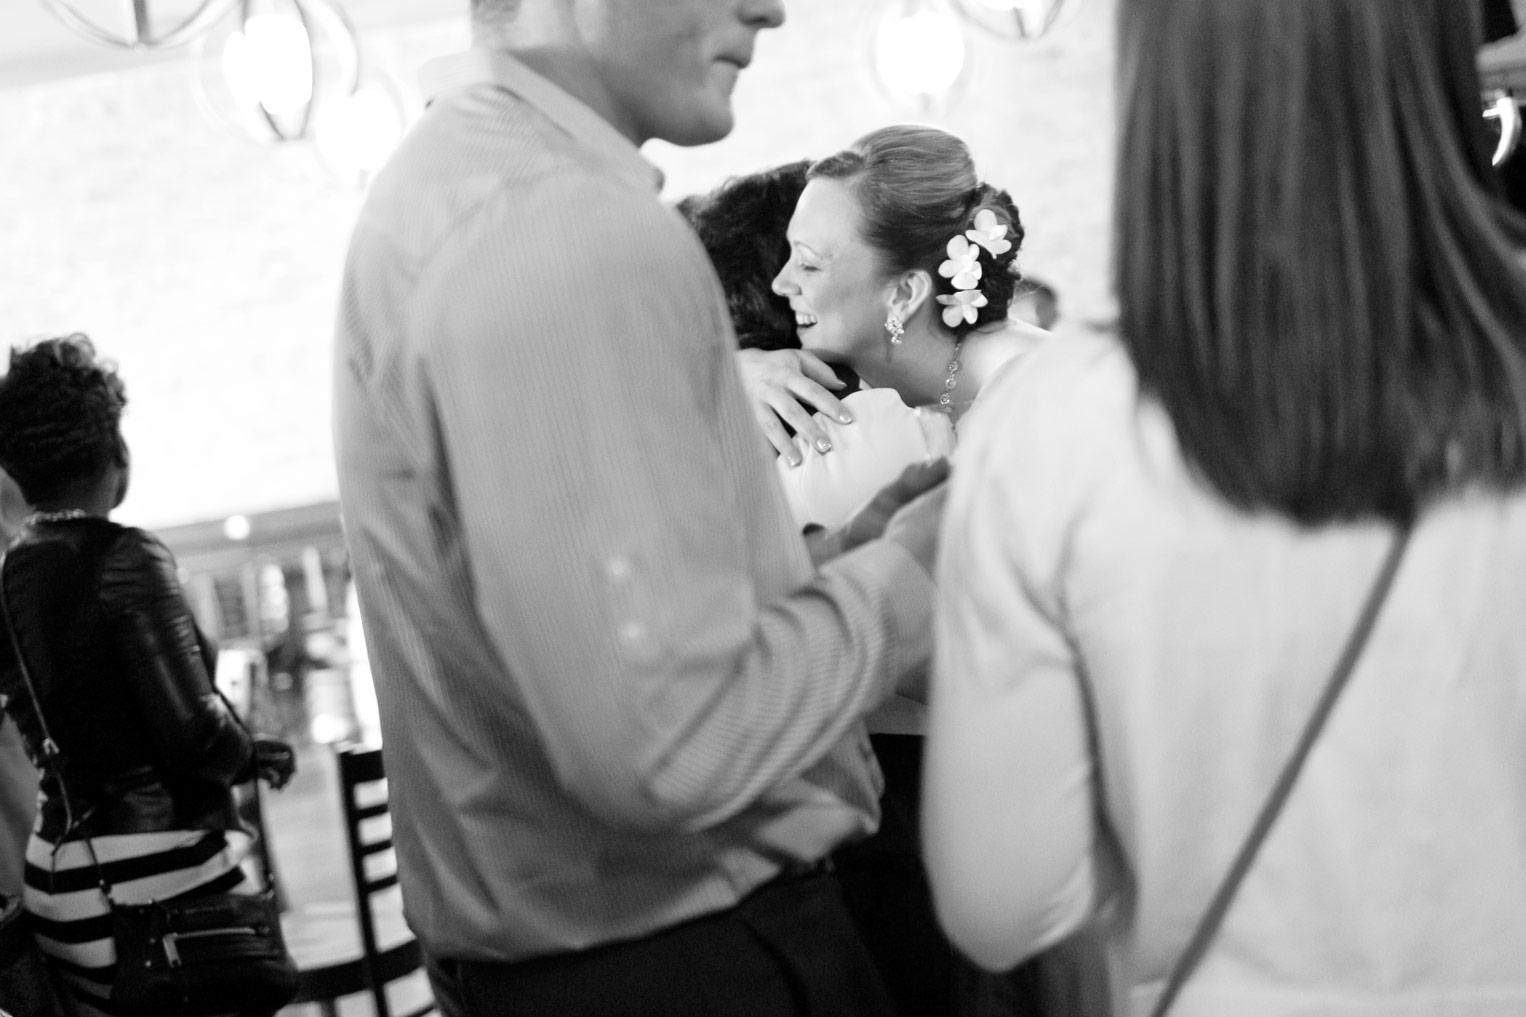 revolution-brewing-chicago-blackhawks-wedding-ruthie-hauge-photography-50.jpg